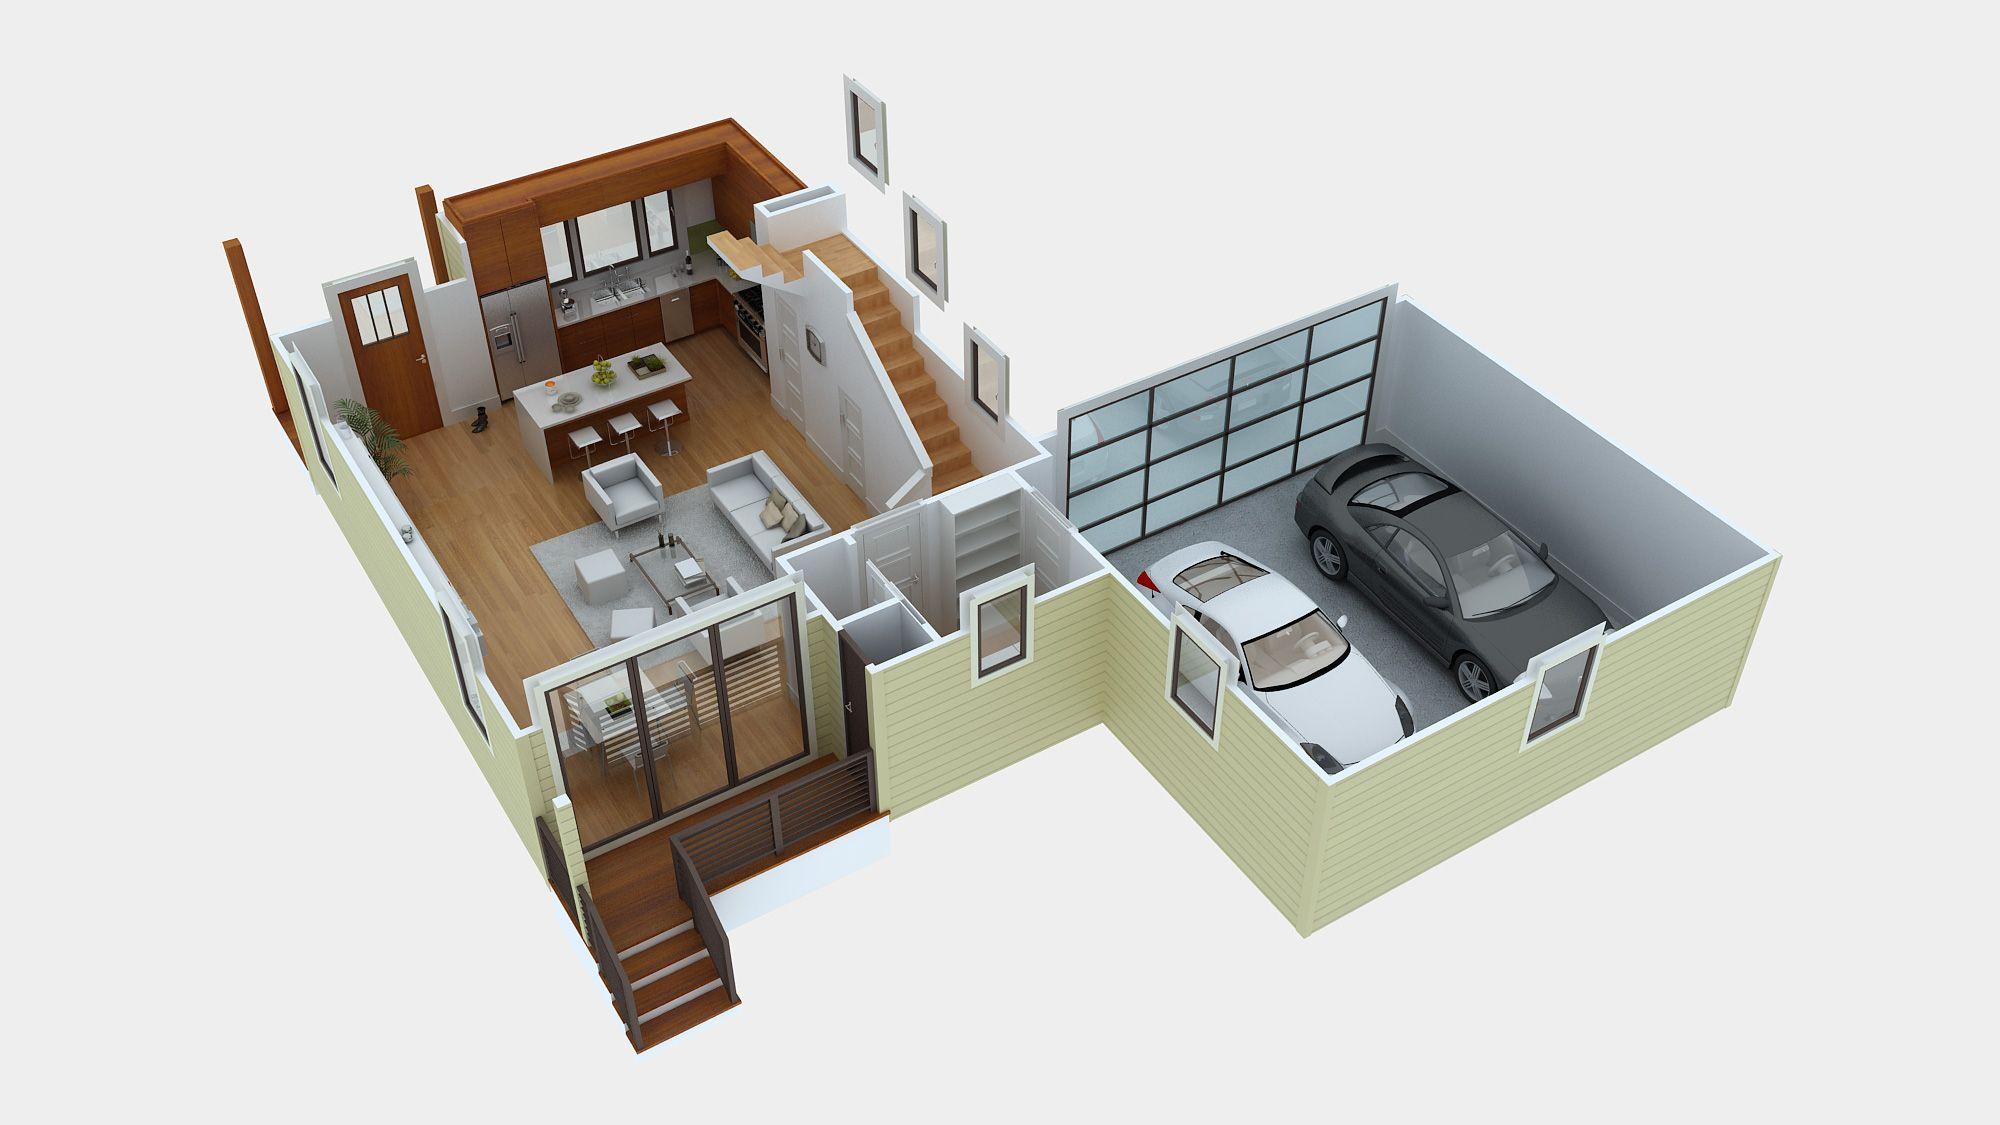 Impressive Best Free Kitchen Design Software Top Ideas Downloads Amp Reviews Minimalist Kitchen Cabinets Minimalist Kitchen Minimalist Bedroom